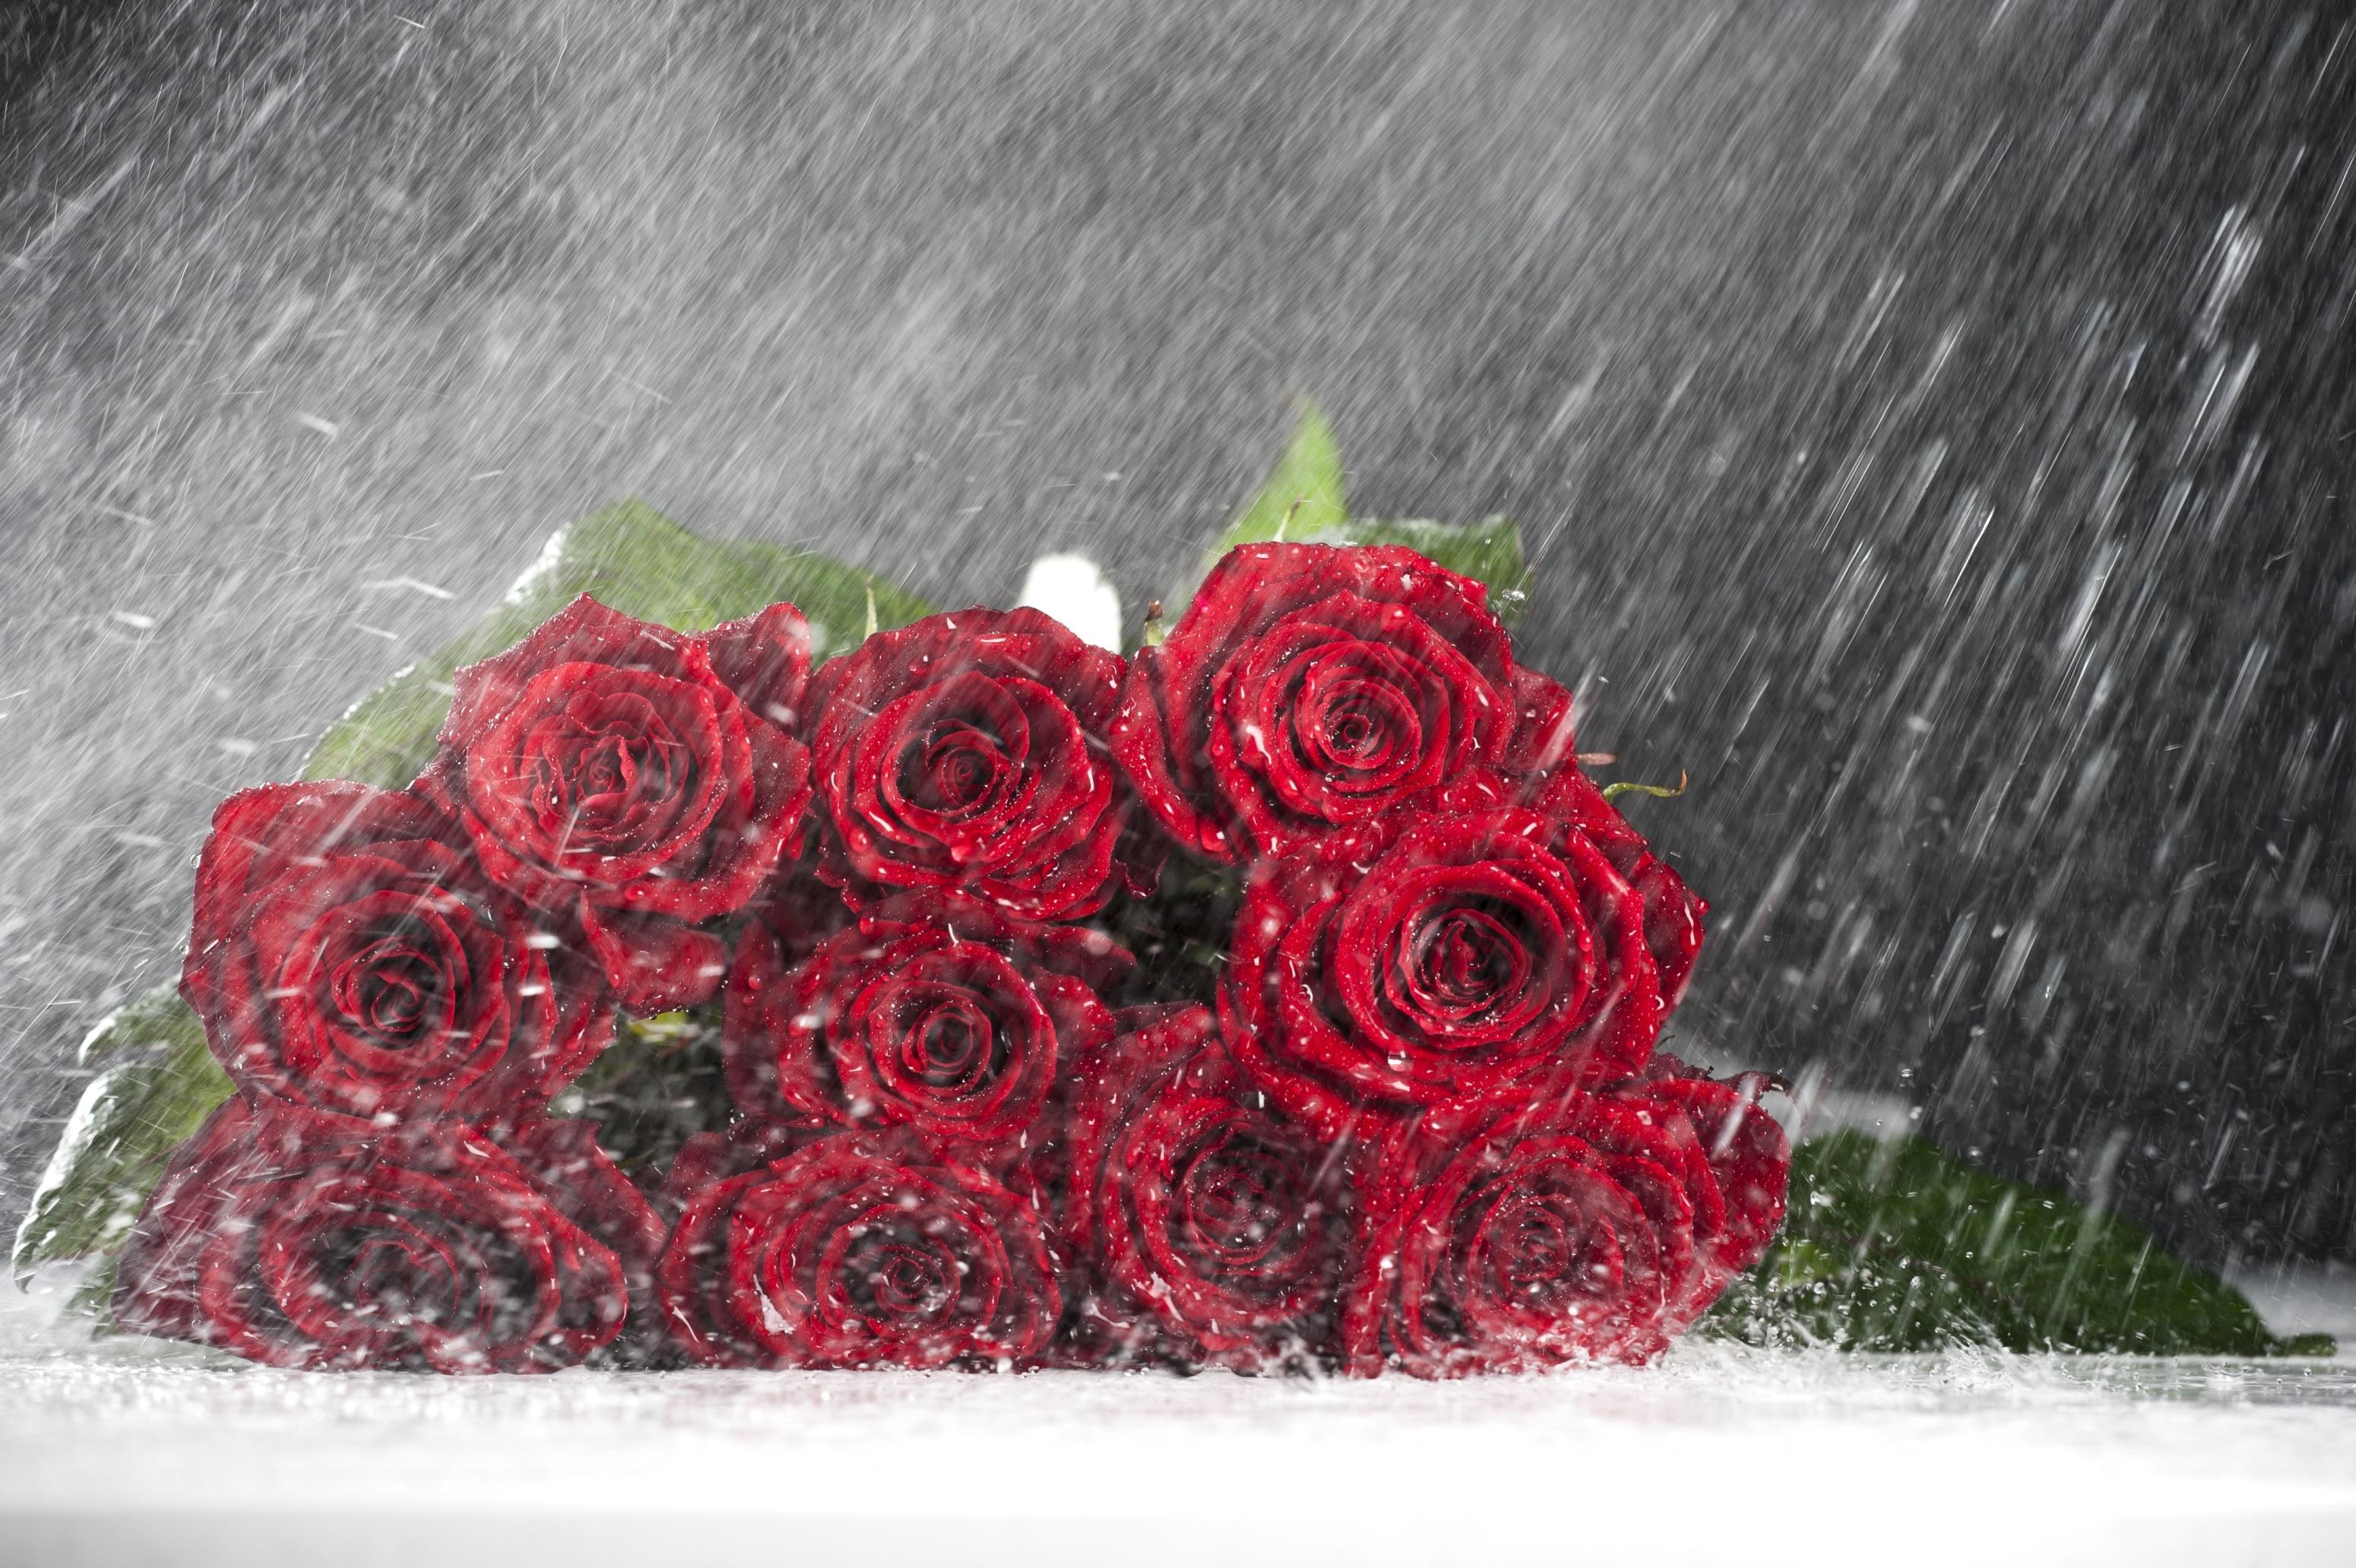 букет роз на дороге картинки общем